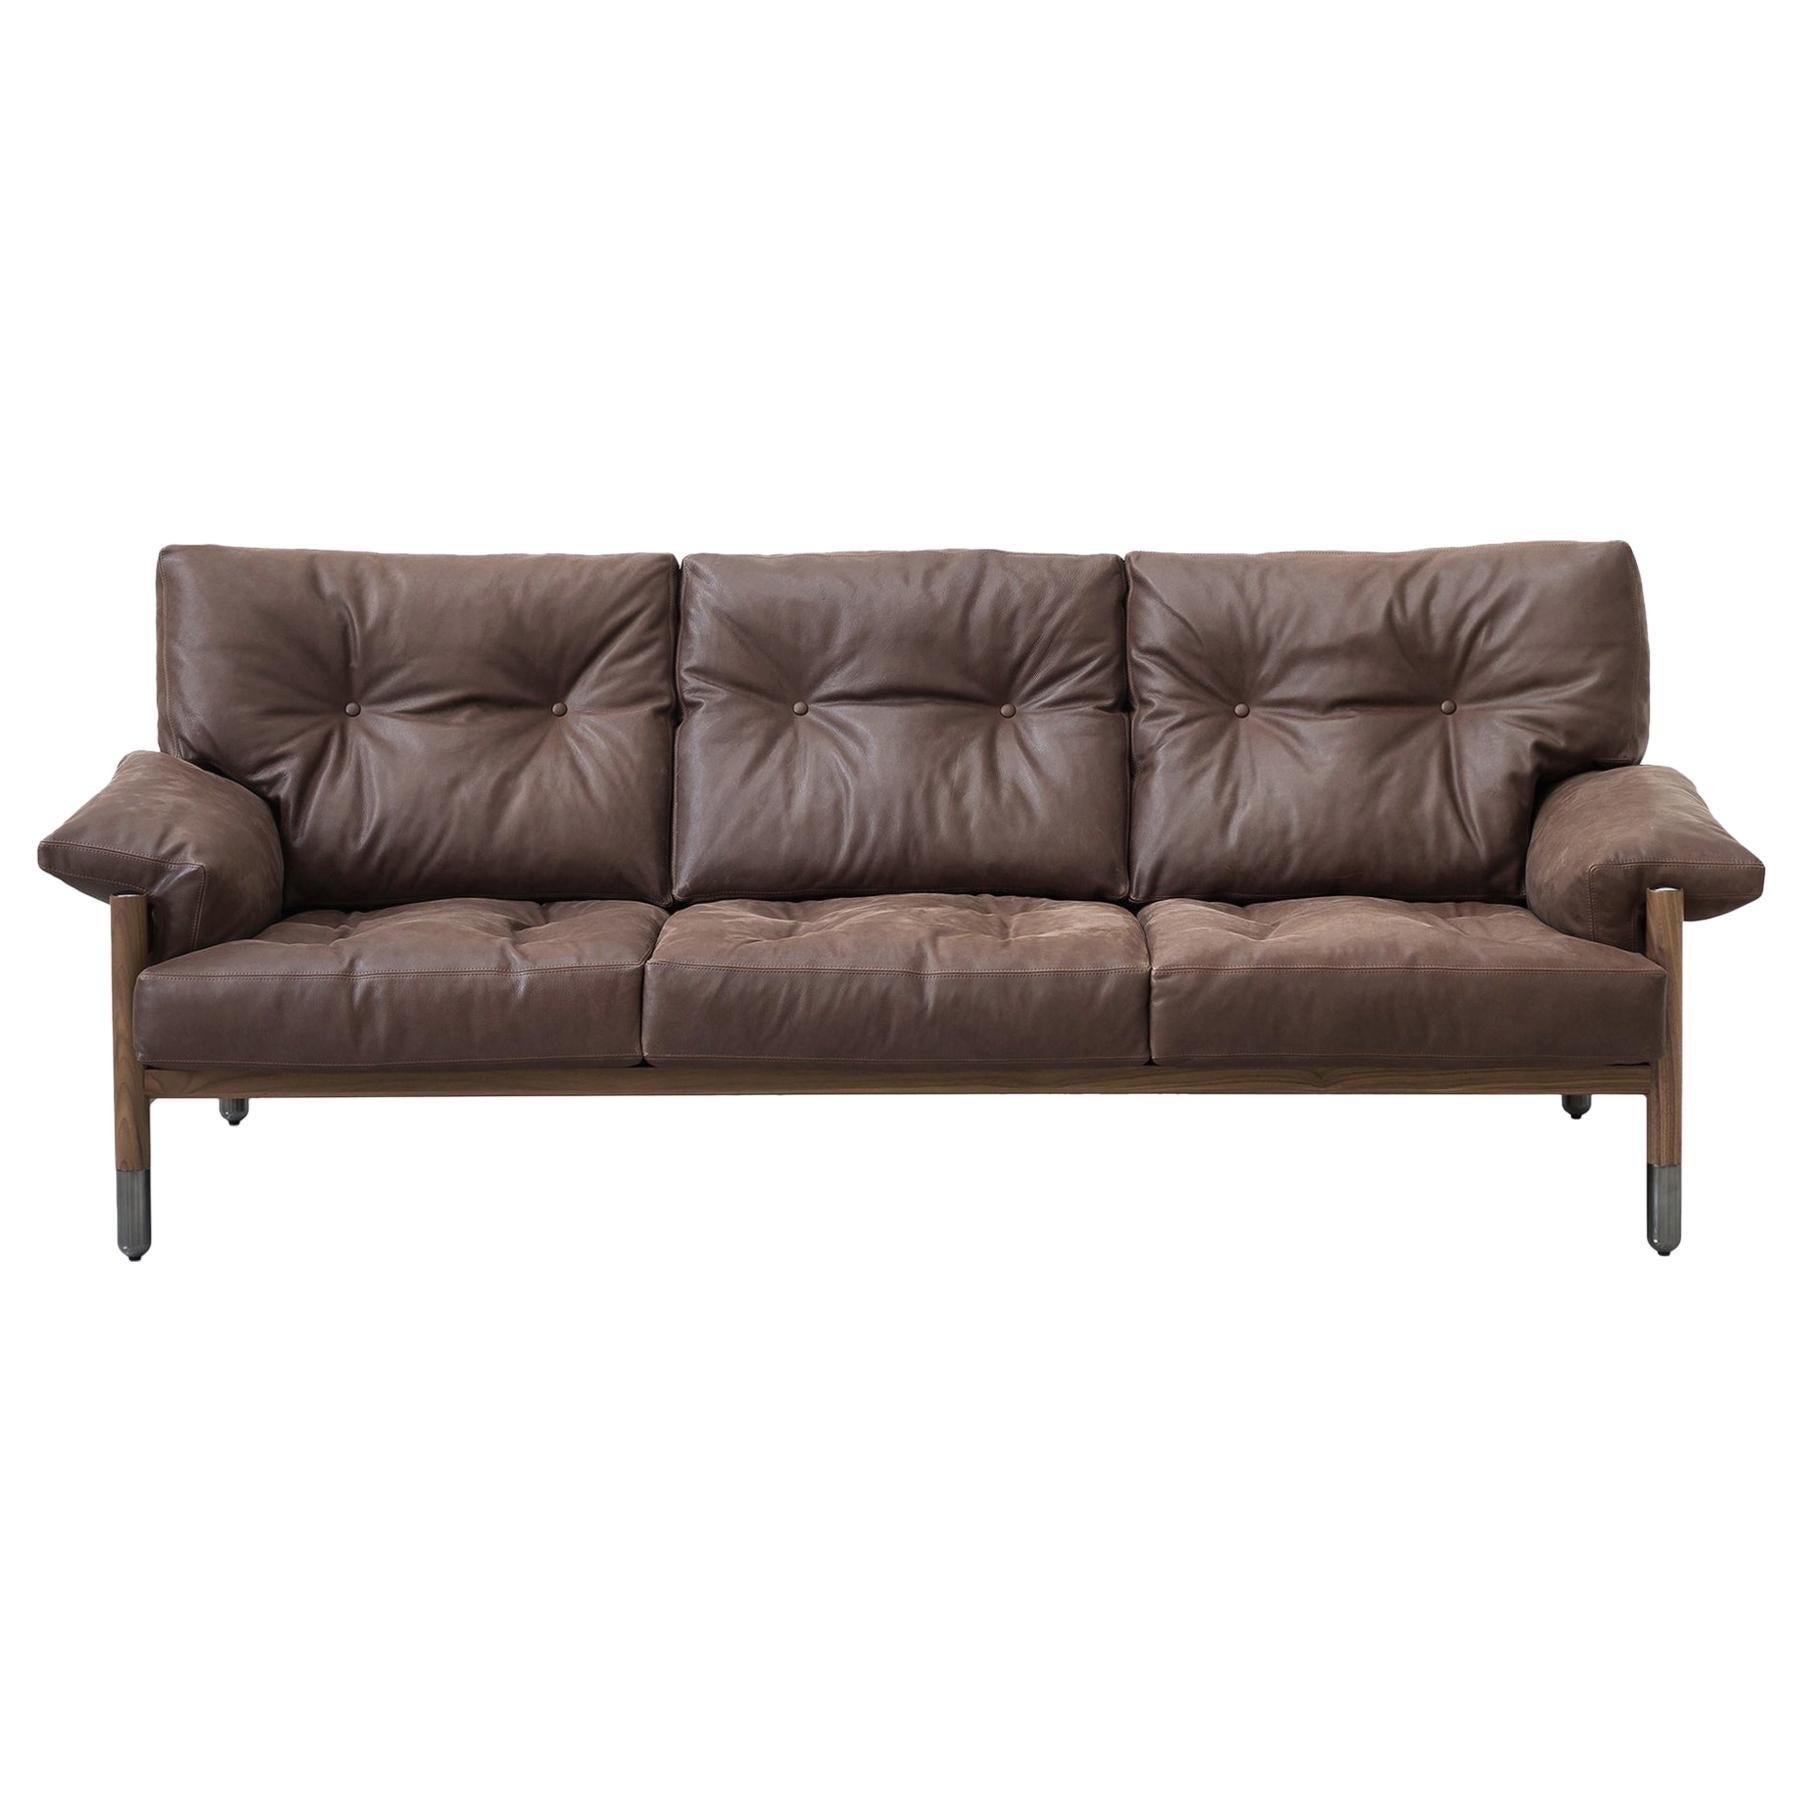 Tacchini Sella Sofa Designed by Carlo de Carli